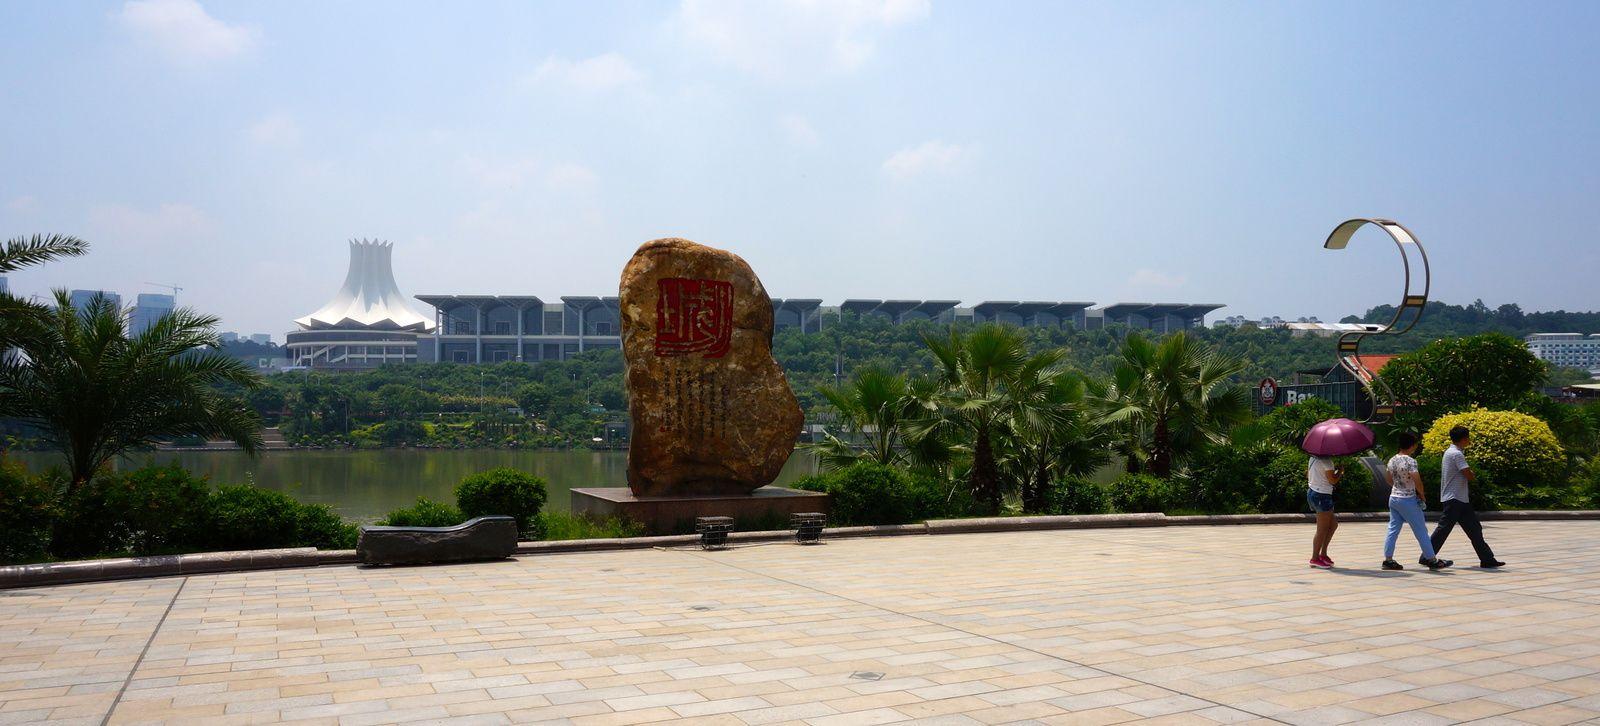 A gauche, c'est une fleur de lotus stylisée. A droite, les halls d'expo.